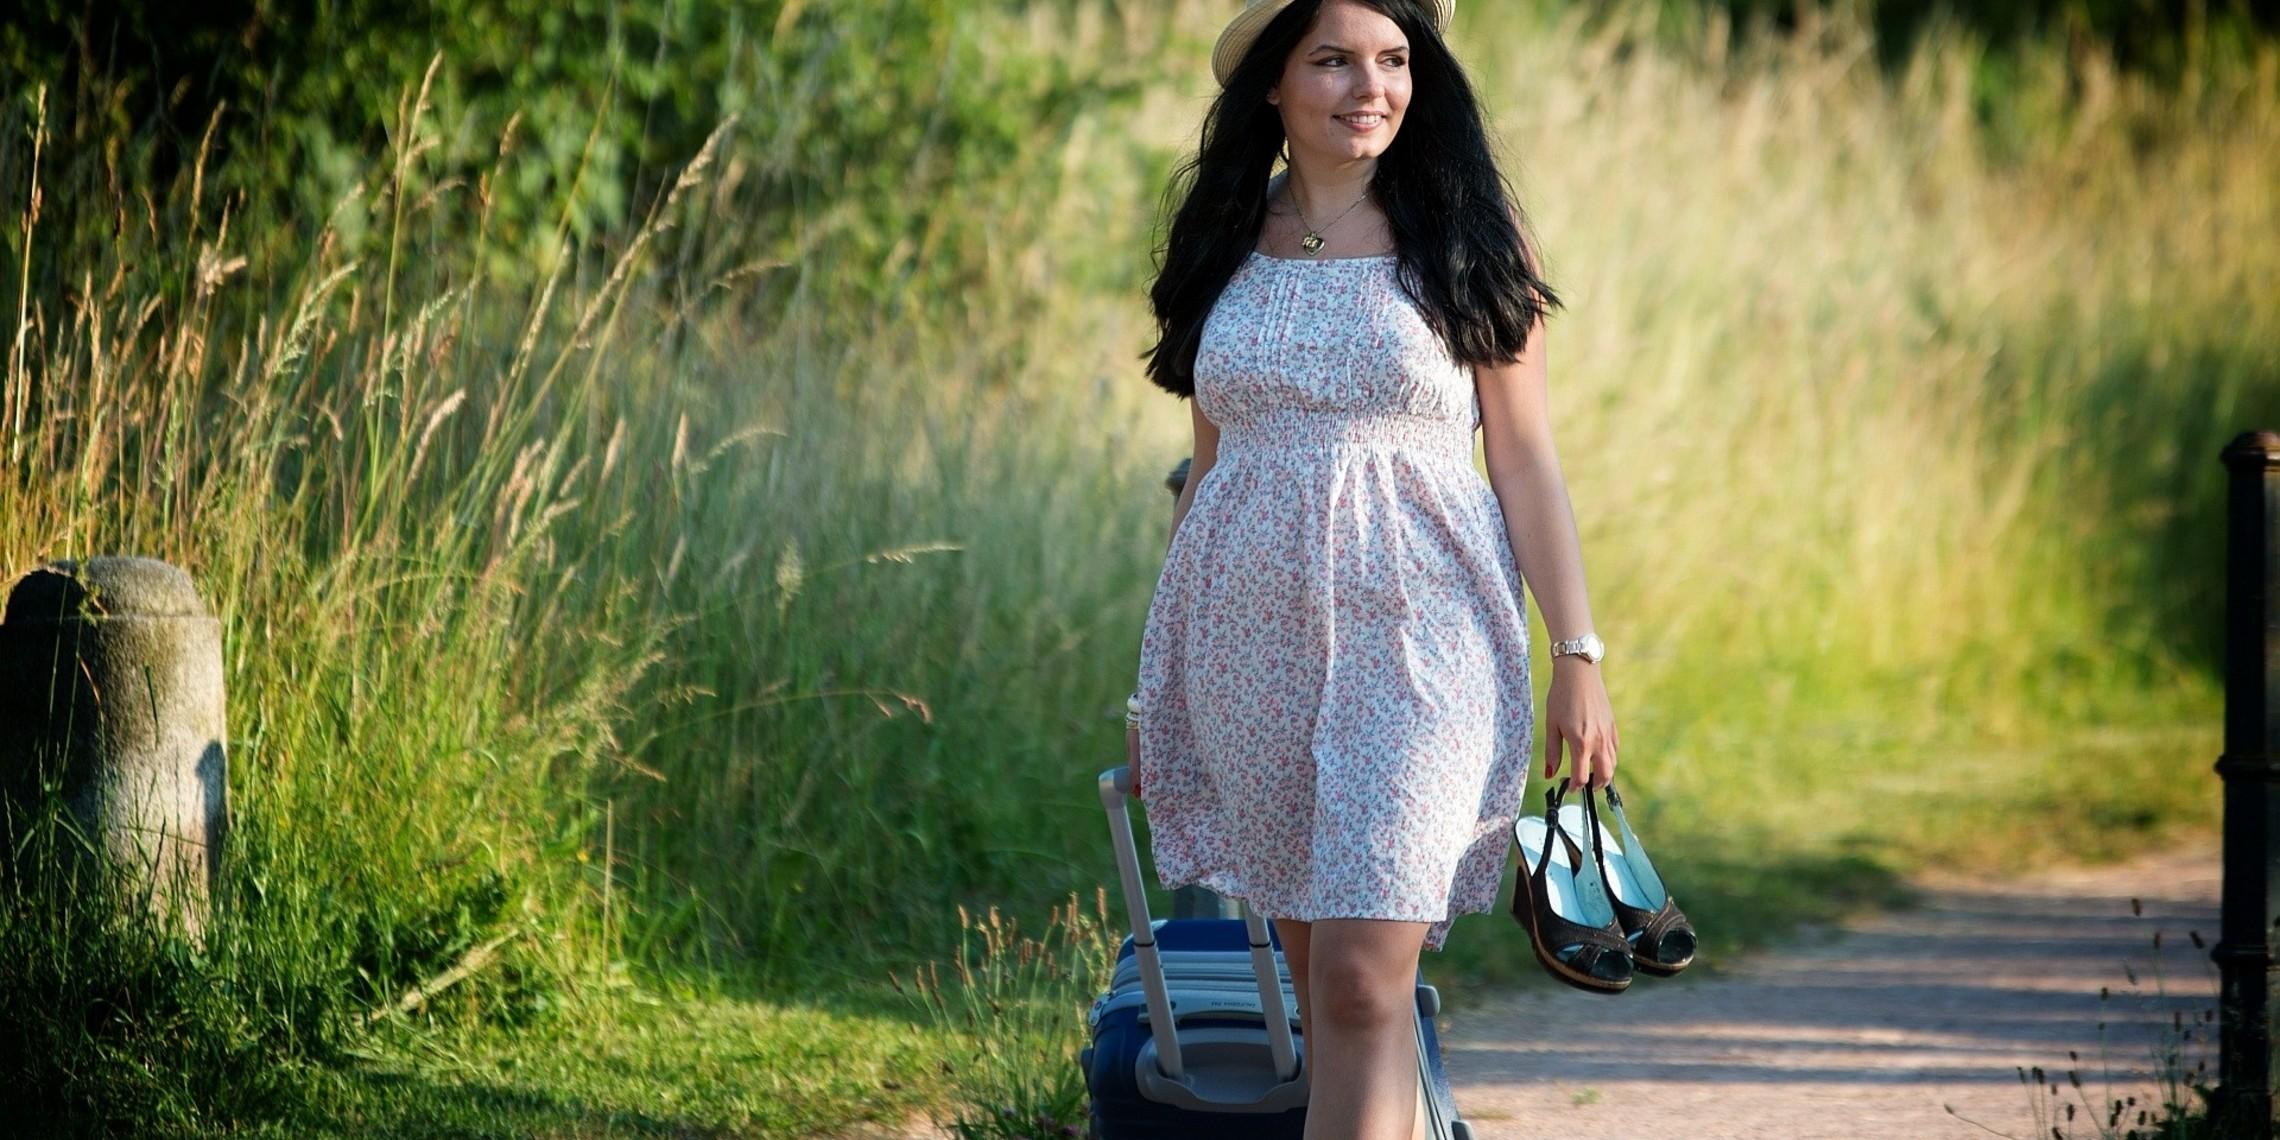 Girl Summer Dress Pretty